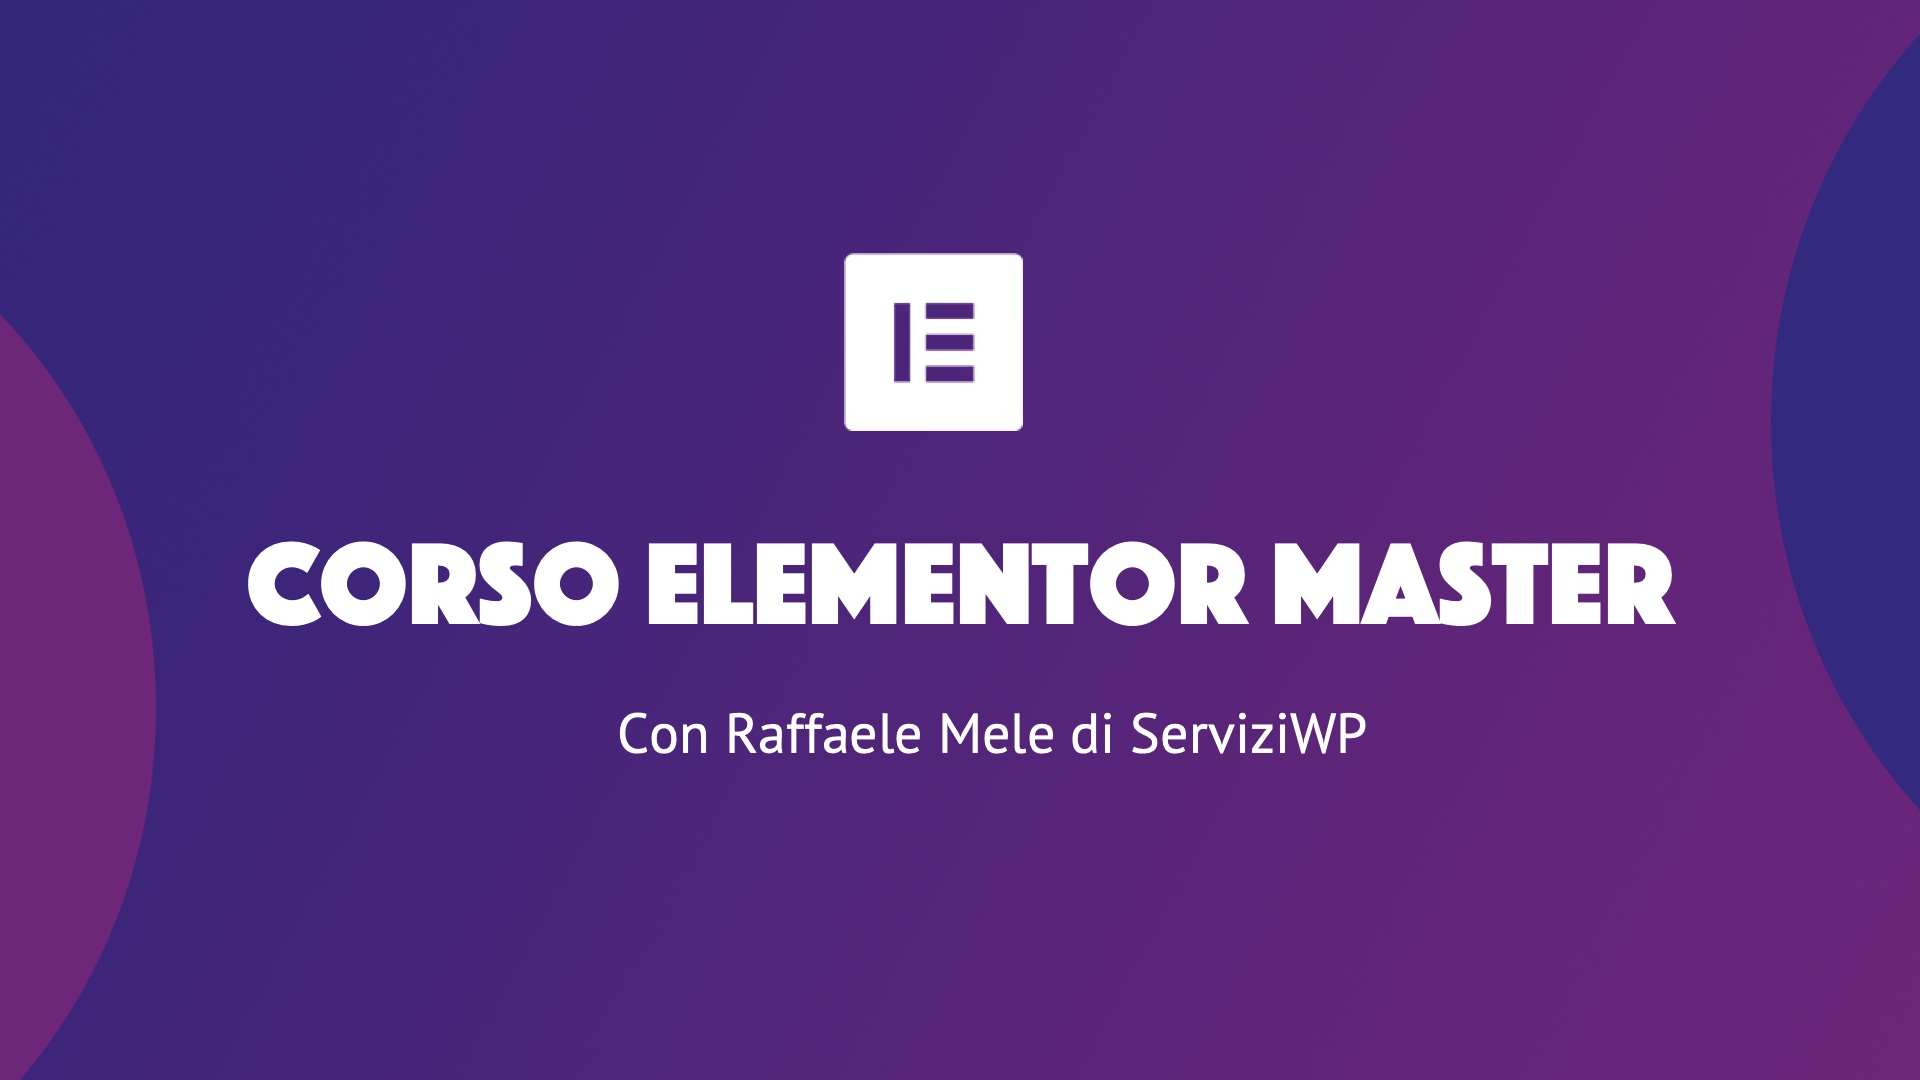 Corso Elementor Master new